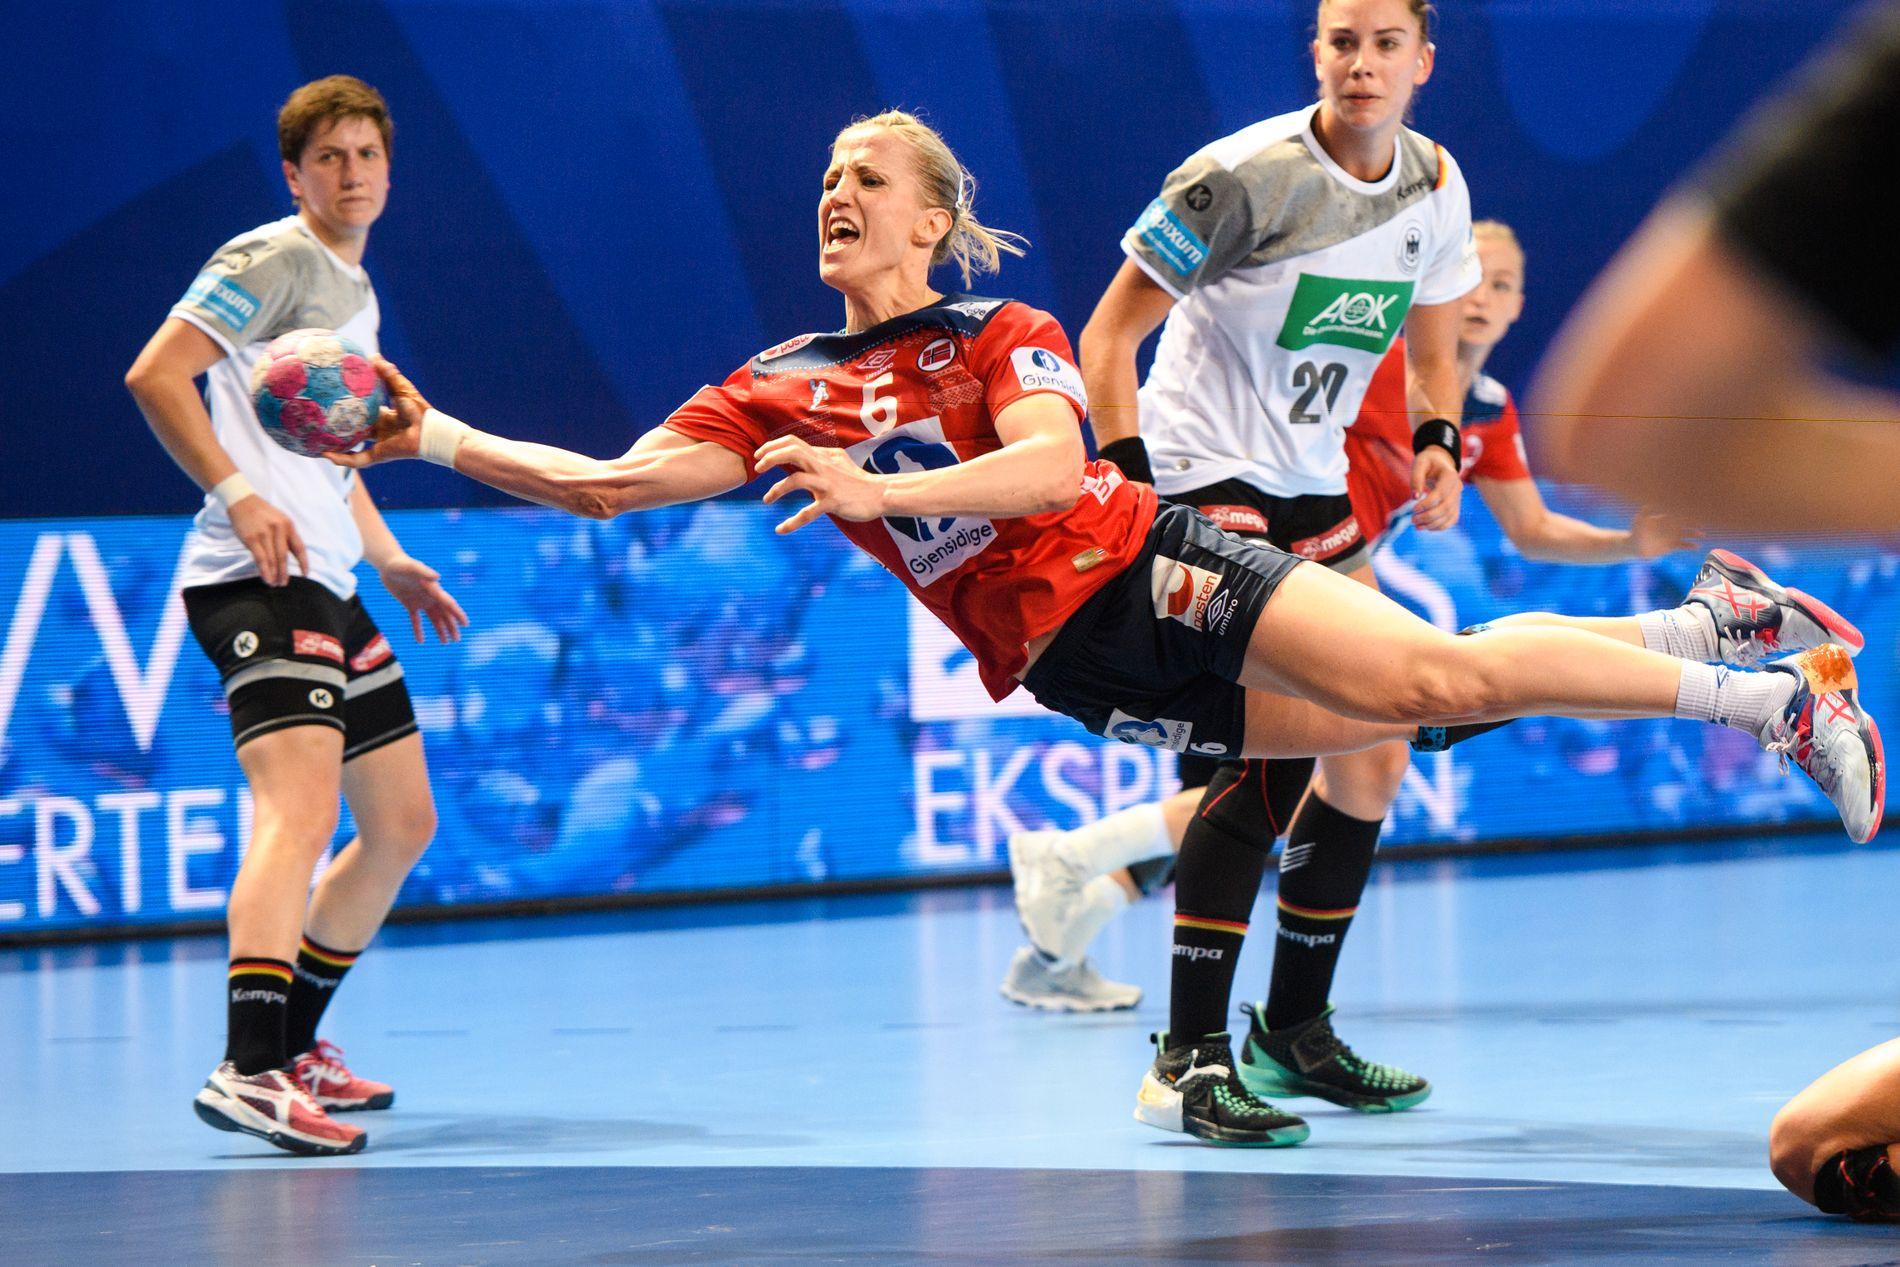 Heidi Løke var som vanlig sterk fra streken de gangene hun fikk ballen. Løke scoret fem mål.